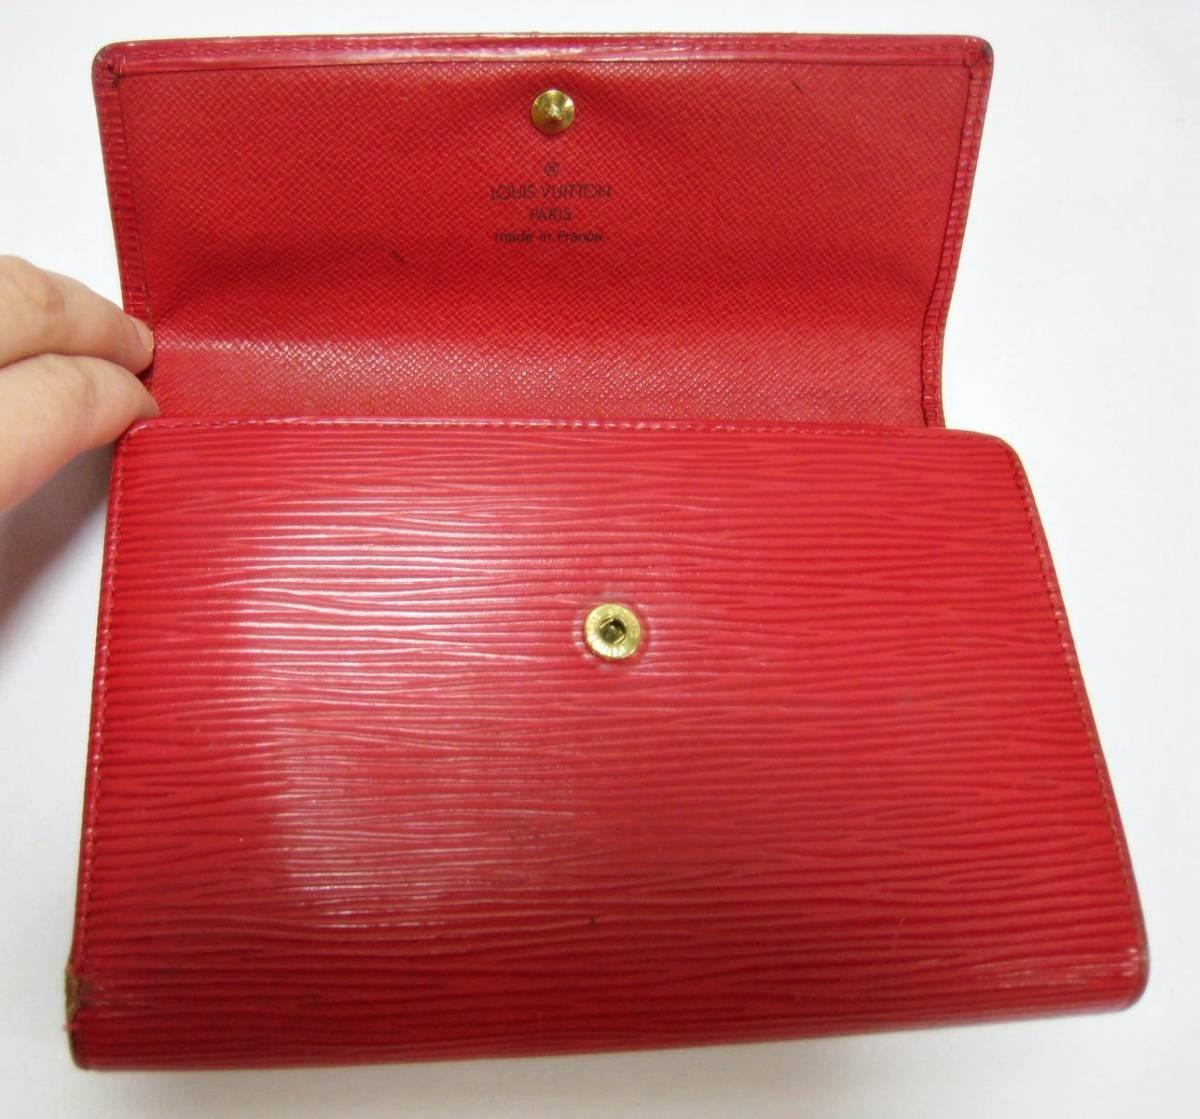 best service cd13a 0662f Louis Vuitton ルイヴィトン 財布 エピ レザー 赤 レッド 3つ折り ウォレット ブランド 有名ブランド 本物保障 LV ヴィトン